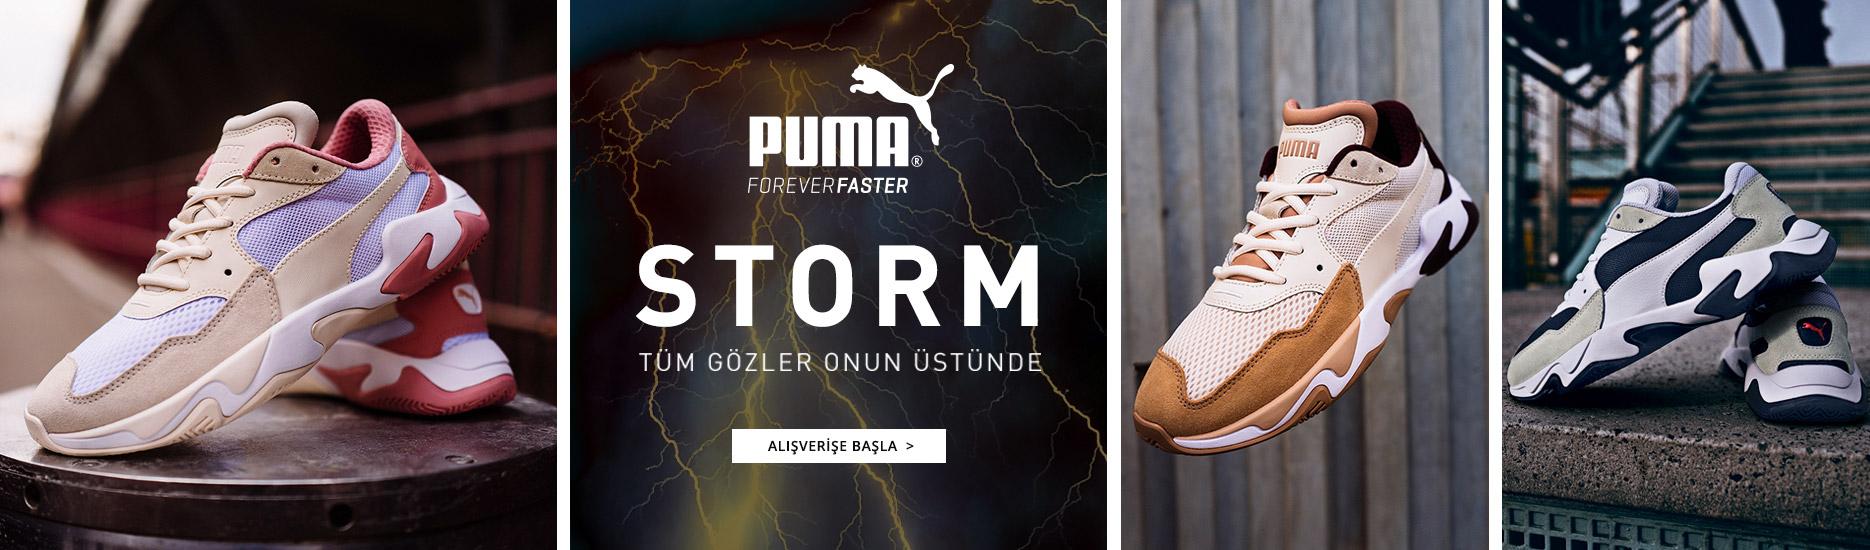 Puma-storm